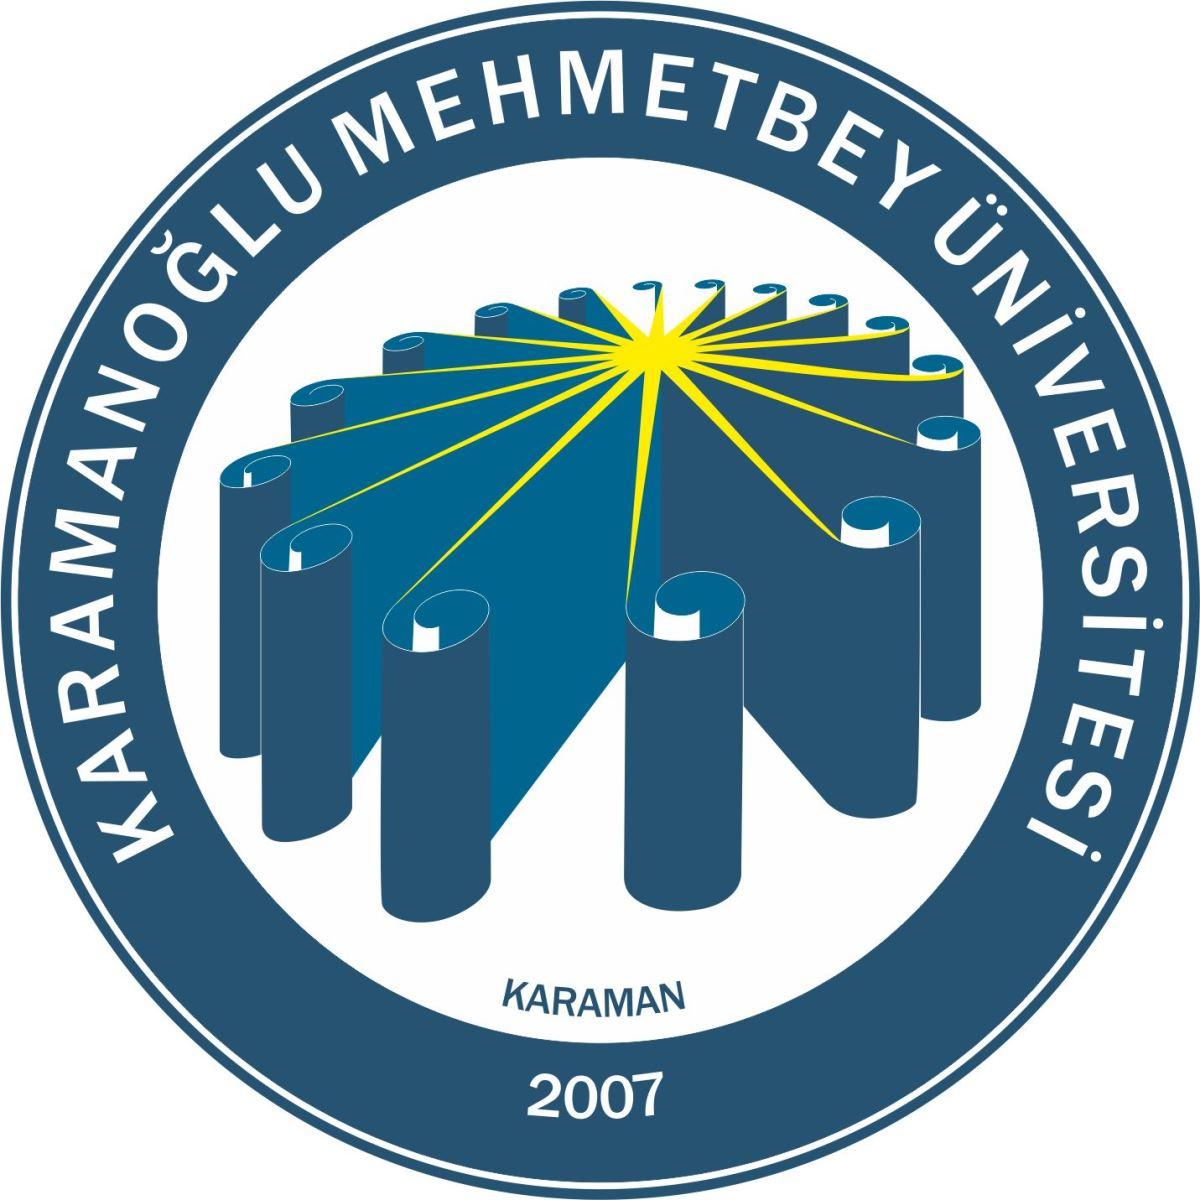 Karamanoğlu Mehmetbey Üniversitesi8828528